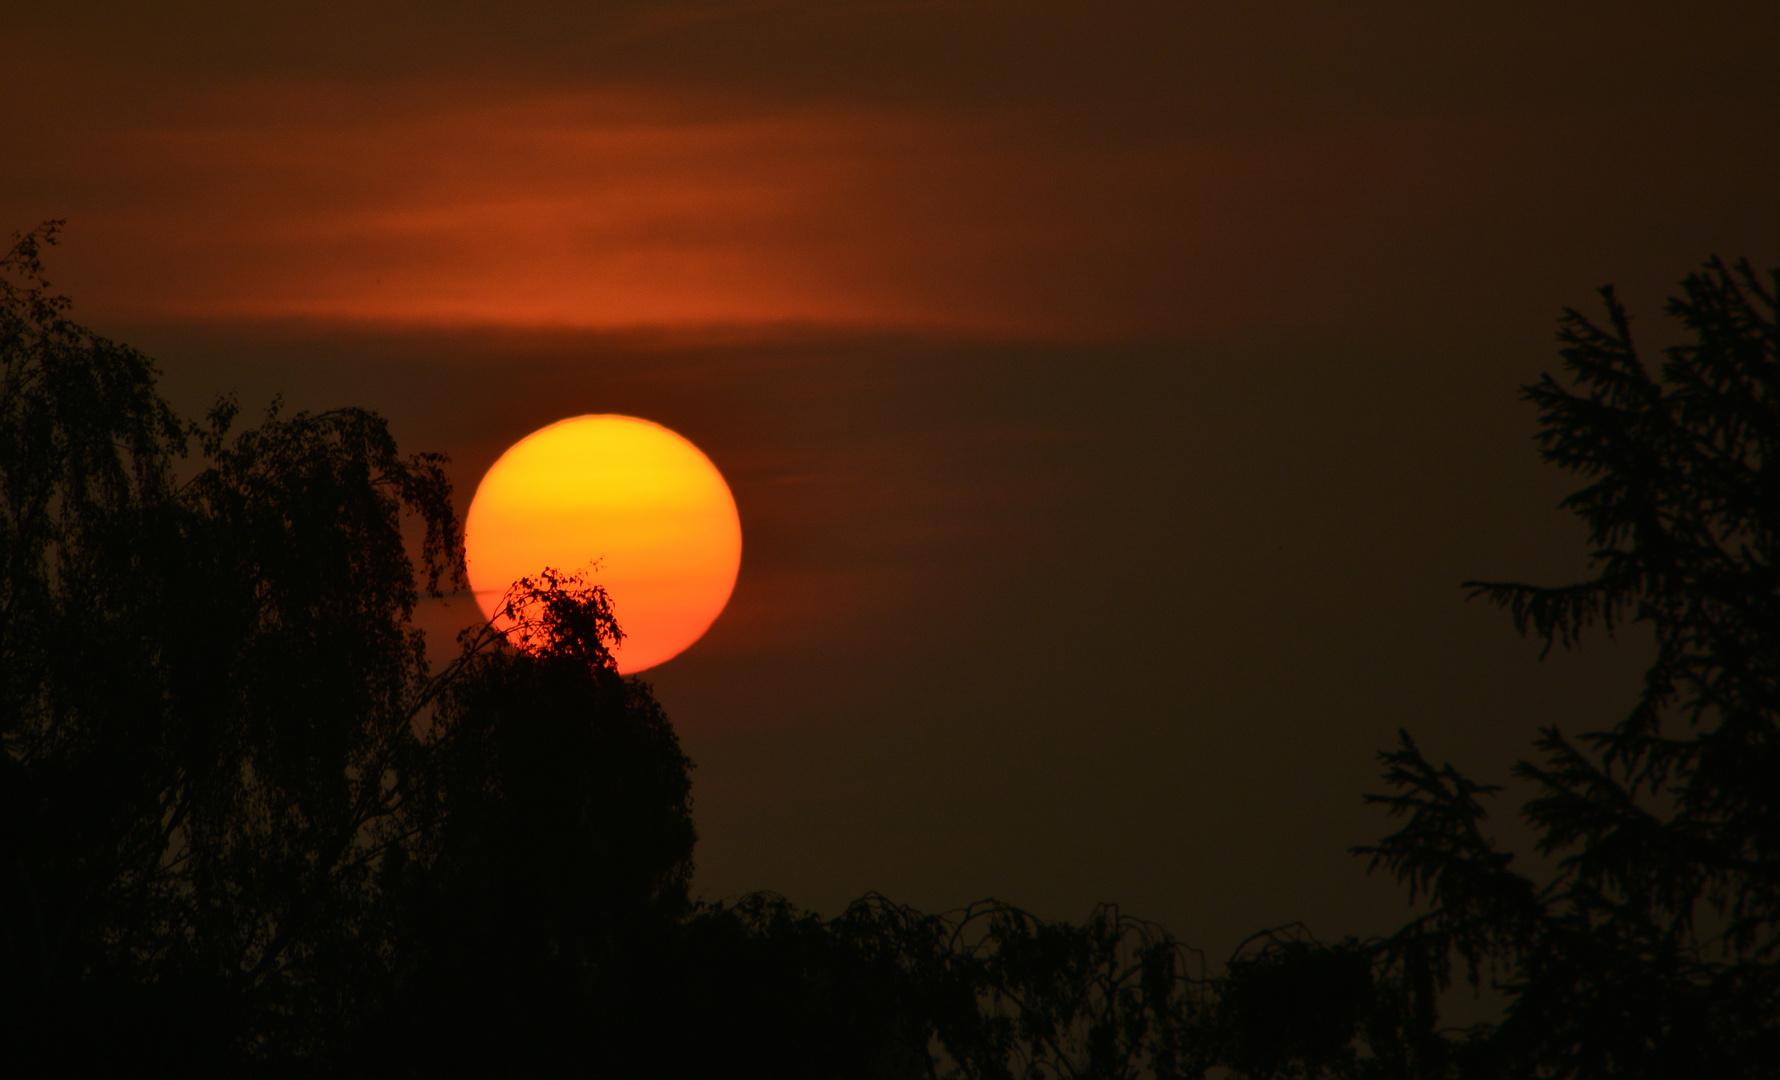 #...Morgens wenn die Sonne aufgeht......#